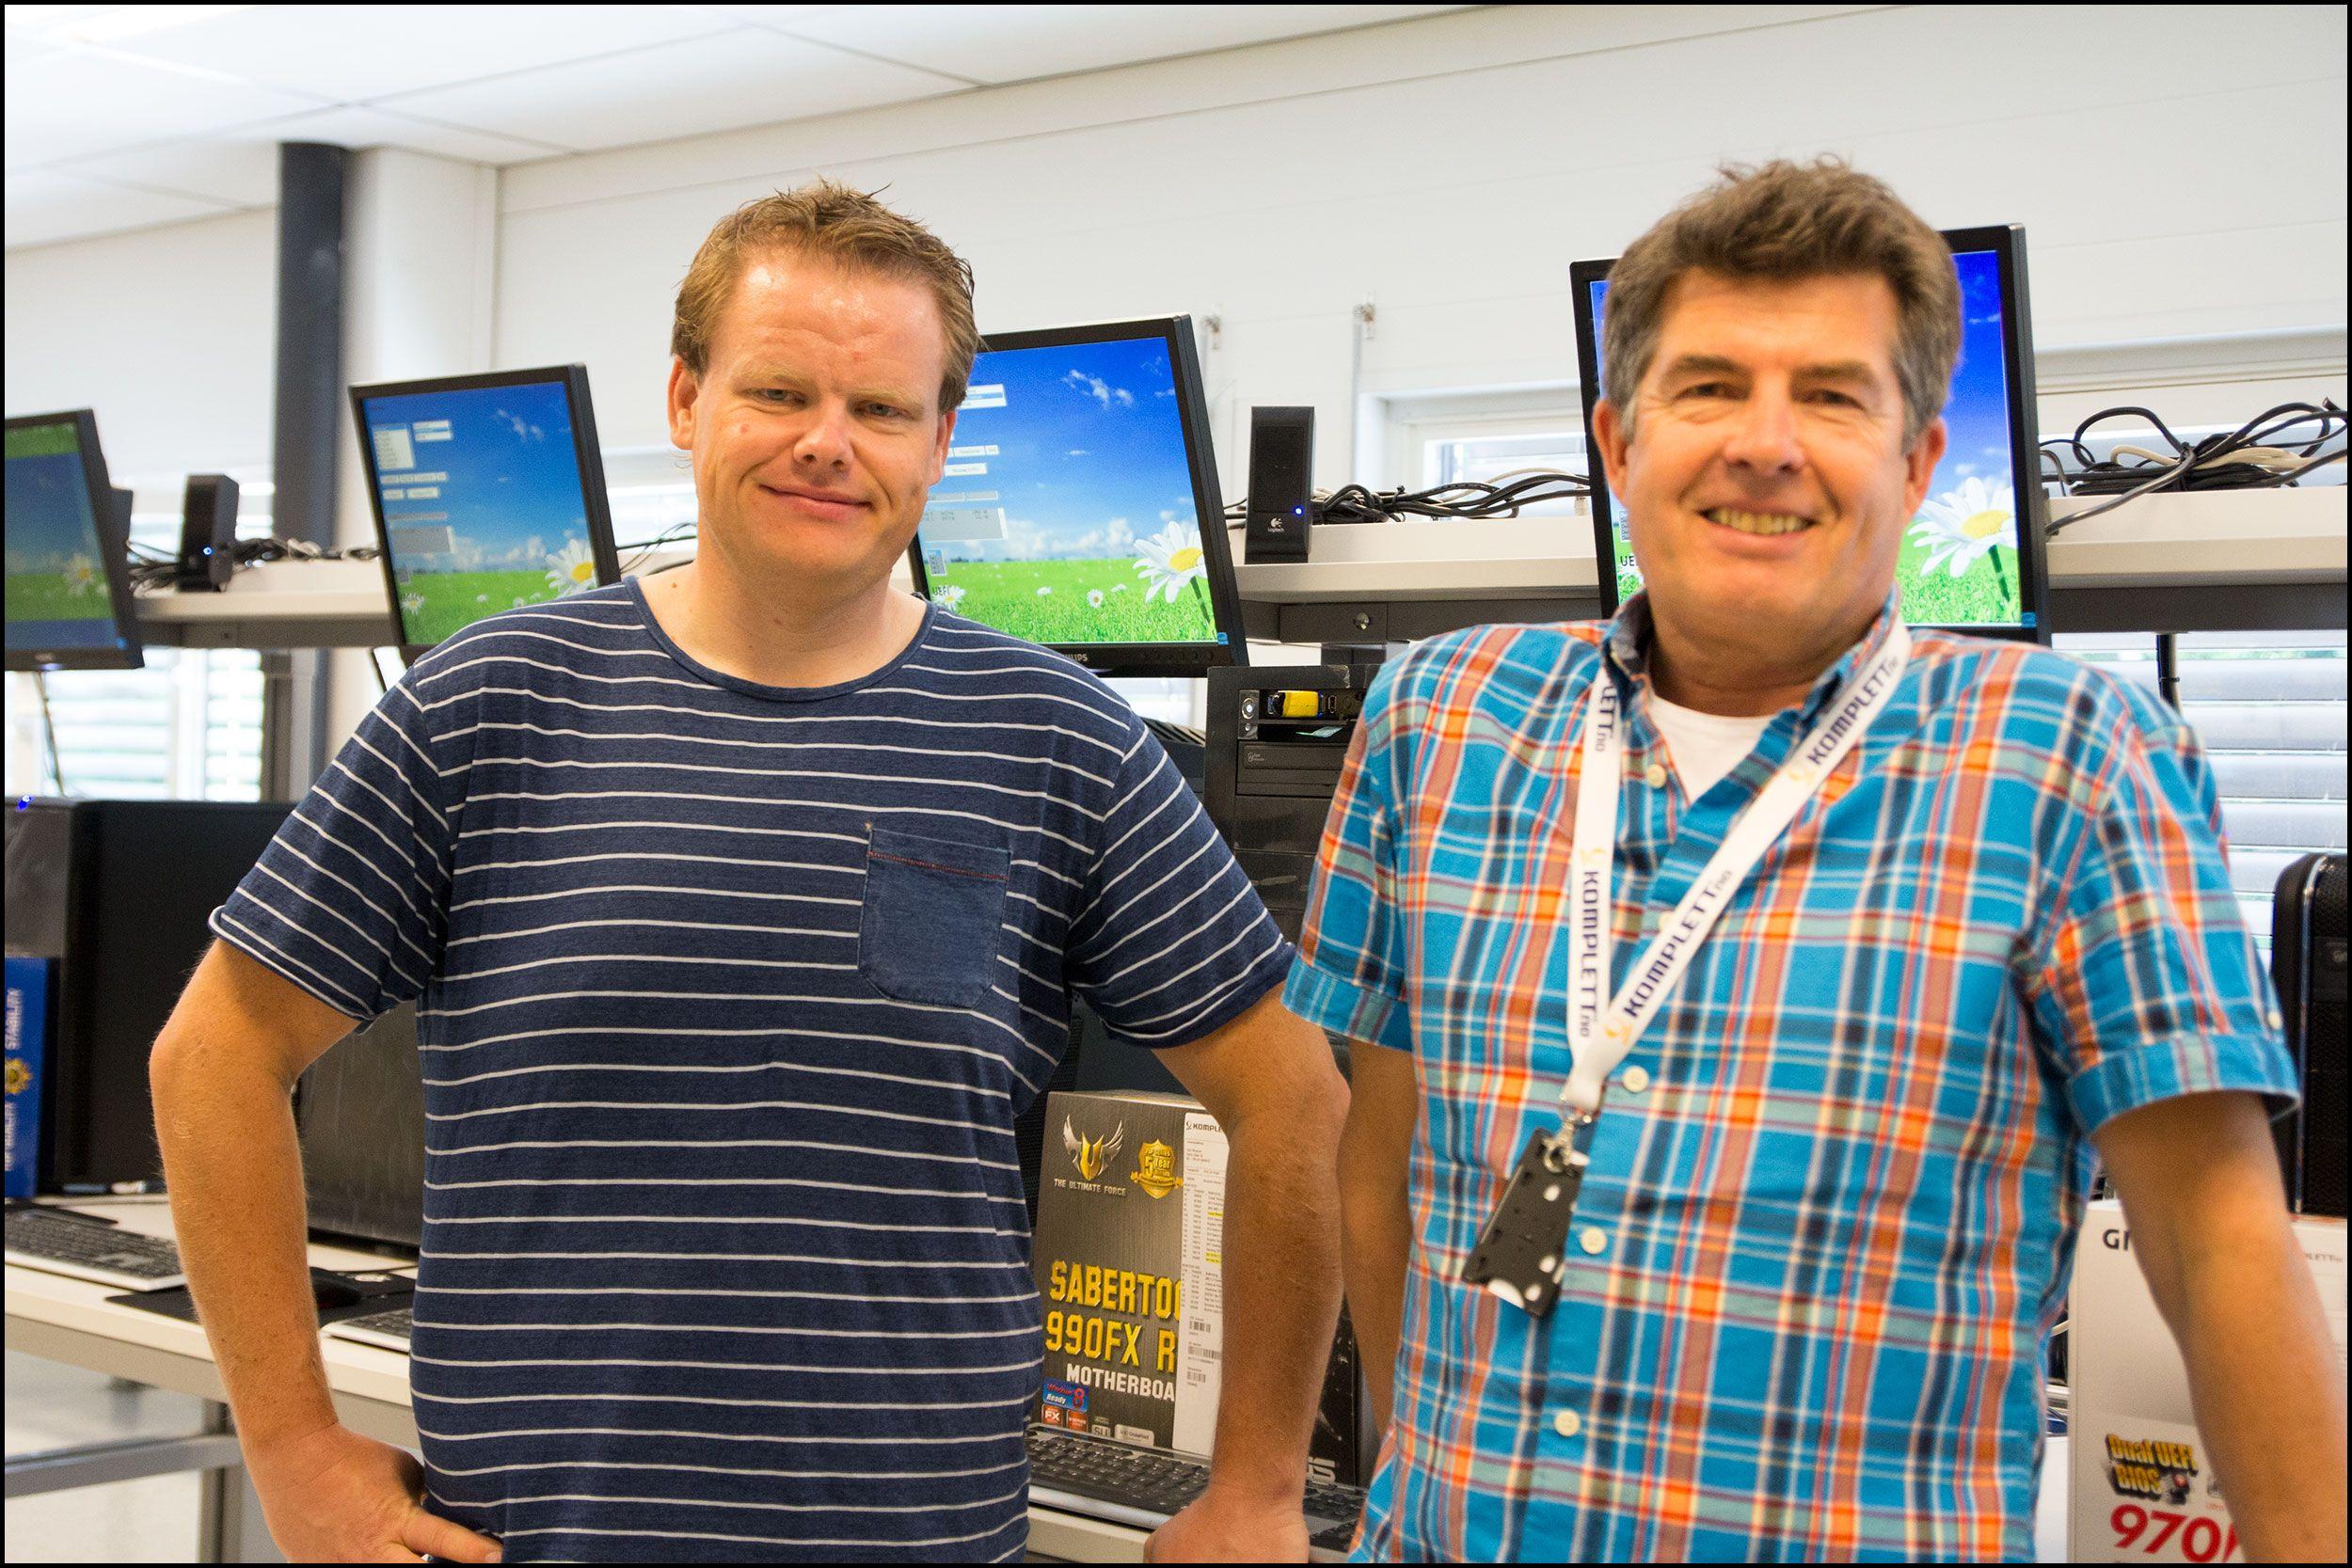 Pål Fredrik Berg, produktsjef for Komplett PC til venstre. Ole Soleng, produksjonssjef i Komplett til høyre. Foto: Jørgen Elton Nilsen, Hardware.no